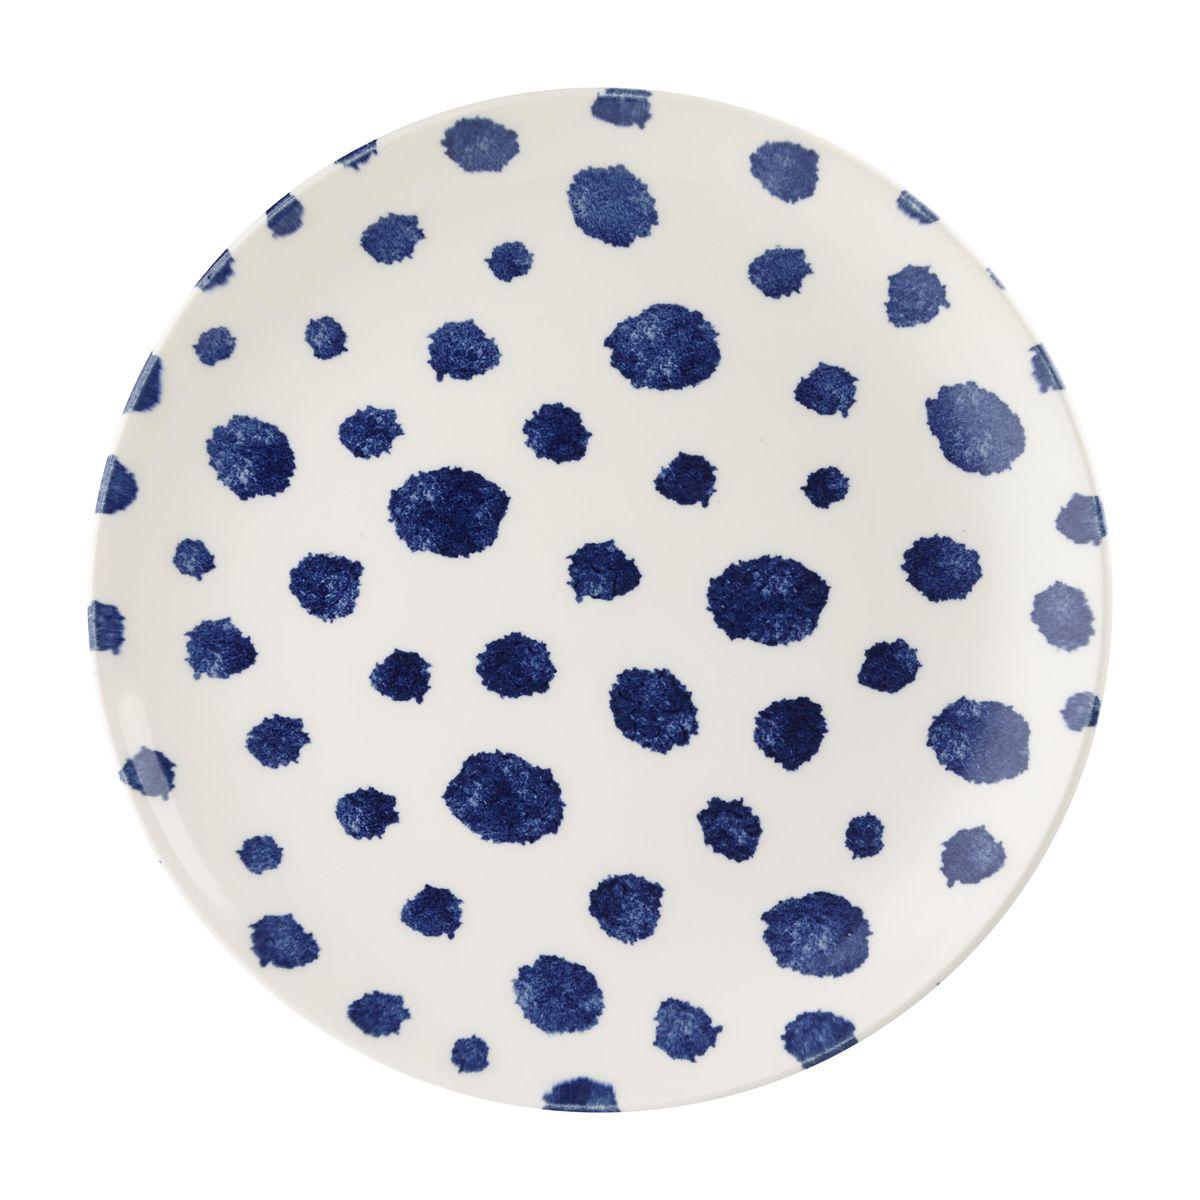 Тарелка десертная Churchill Инки, диаметр 20,5 см. INKI00021INKI00021Десертная тарелка Churchill Инки, изготовленная из высококачественного фаянса, имеет классическую круглую форму. Она прекрасно впишется в интерьер вашей кухни и станет достойным дополнением к кухонному инвентарю. Десертная тарелка Churchill Инки подчеркнет прекрасный вкус хозяйки и станет отличным подарком. Диаметр тарелки (по верхнему краю): 20,5 см.